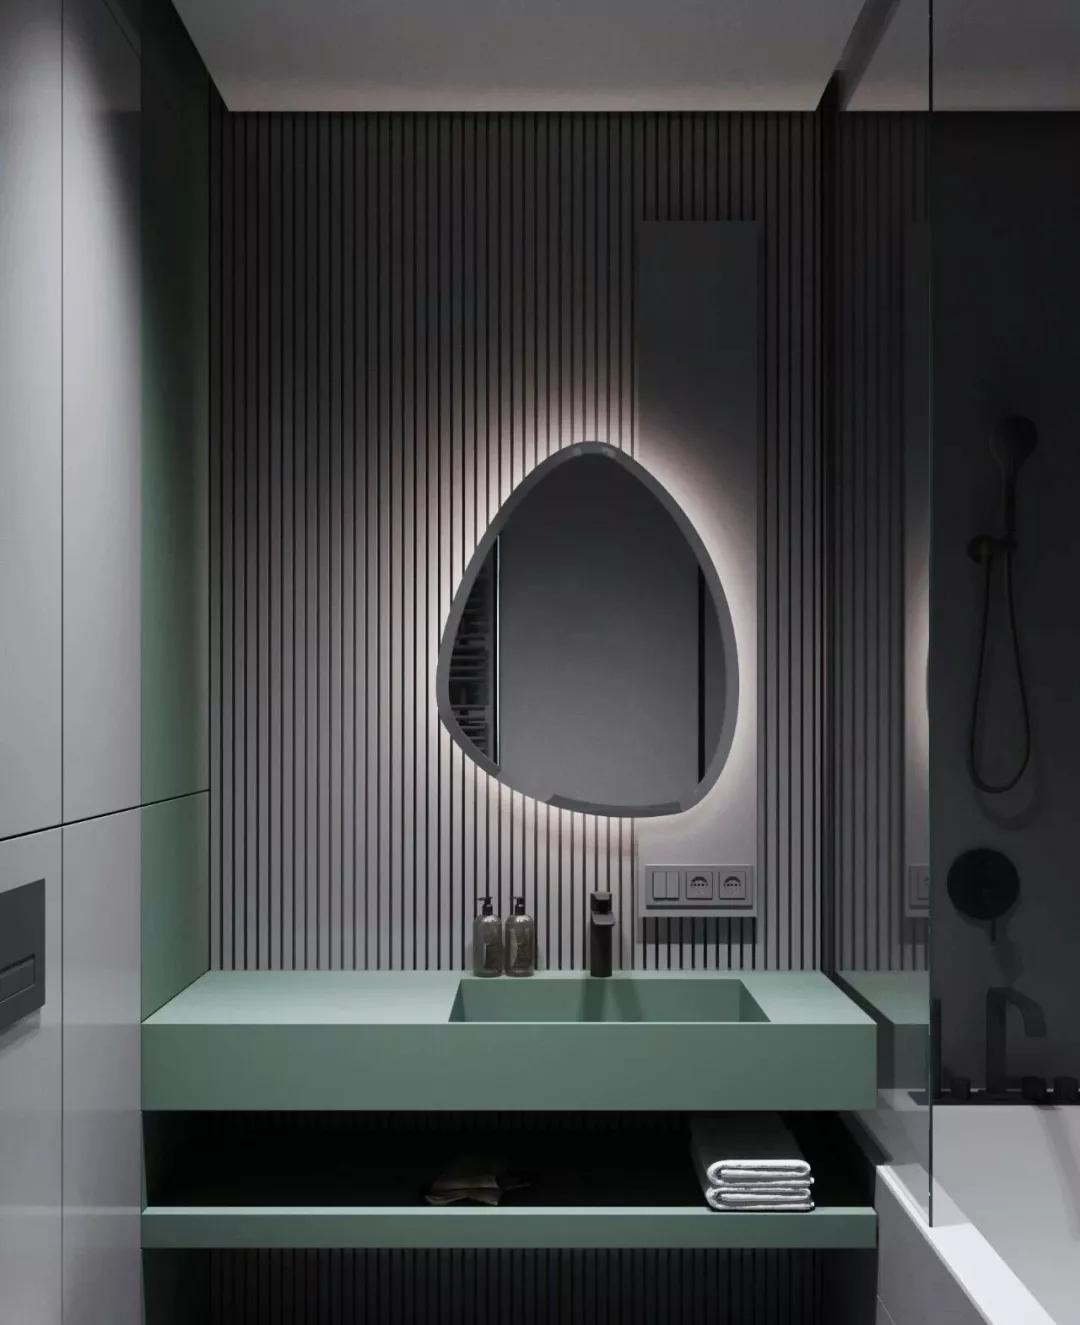 装修公司 瓷砖、墙面、洁具选的好,卫生间不要太美!